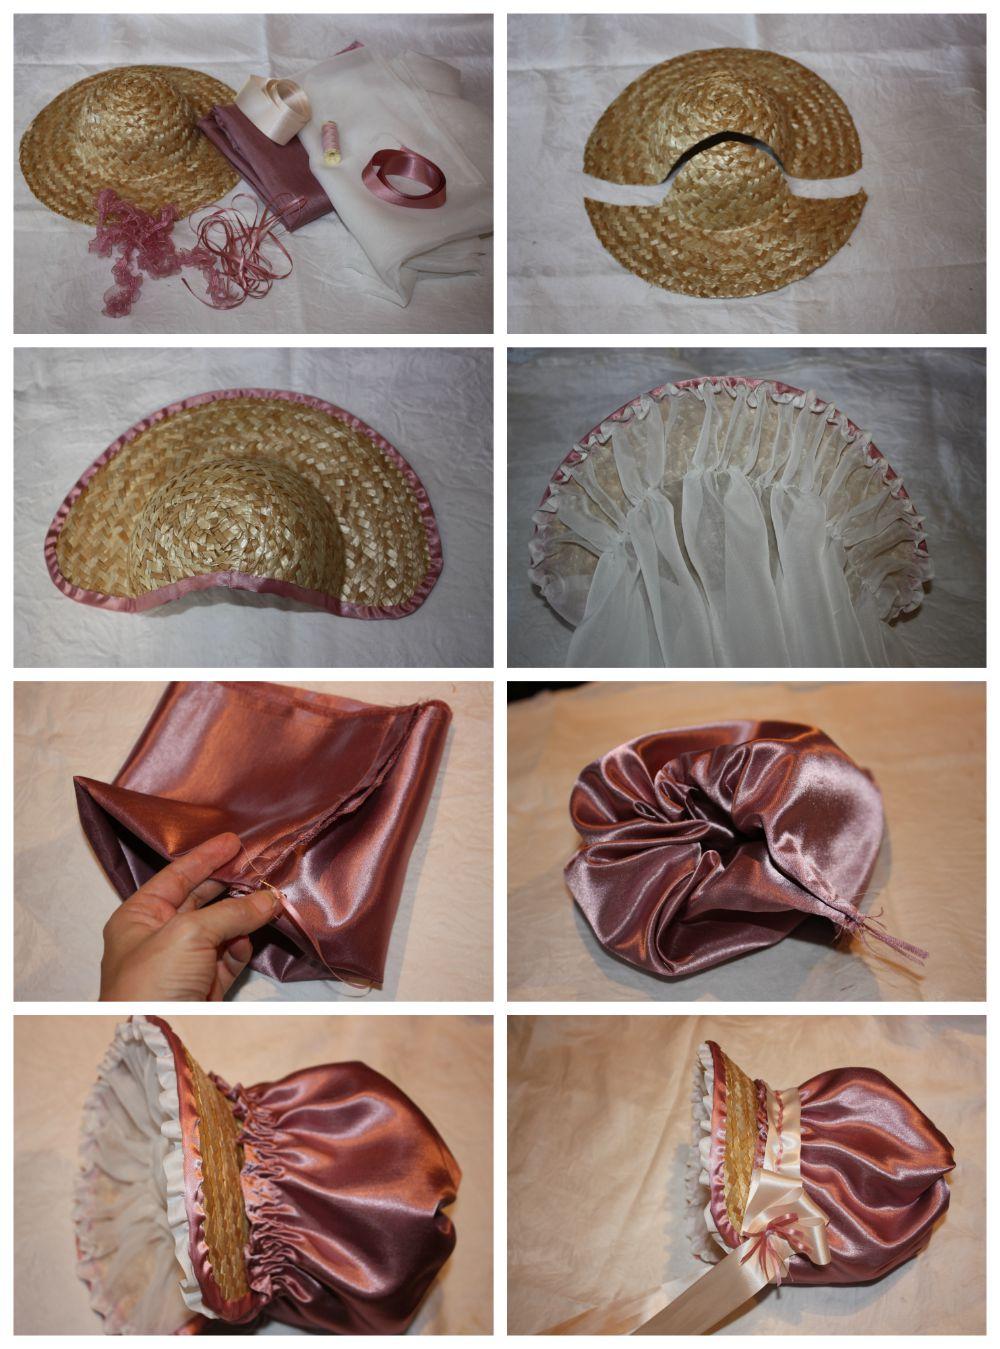 How to make a poke bonnet